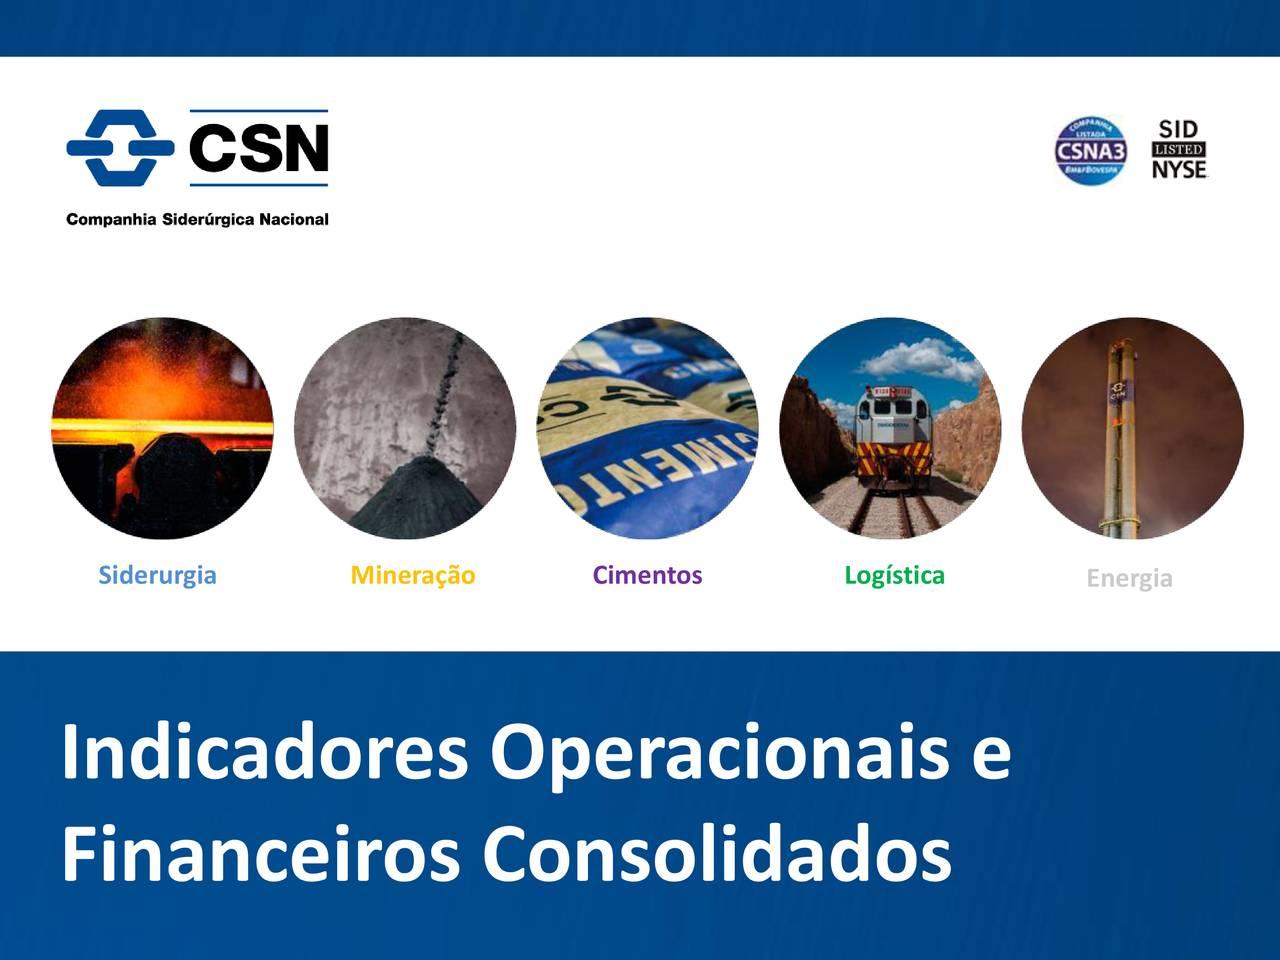 Indicadores Operacionais e Financeiros Consolidados